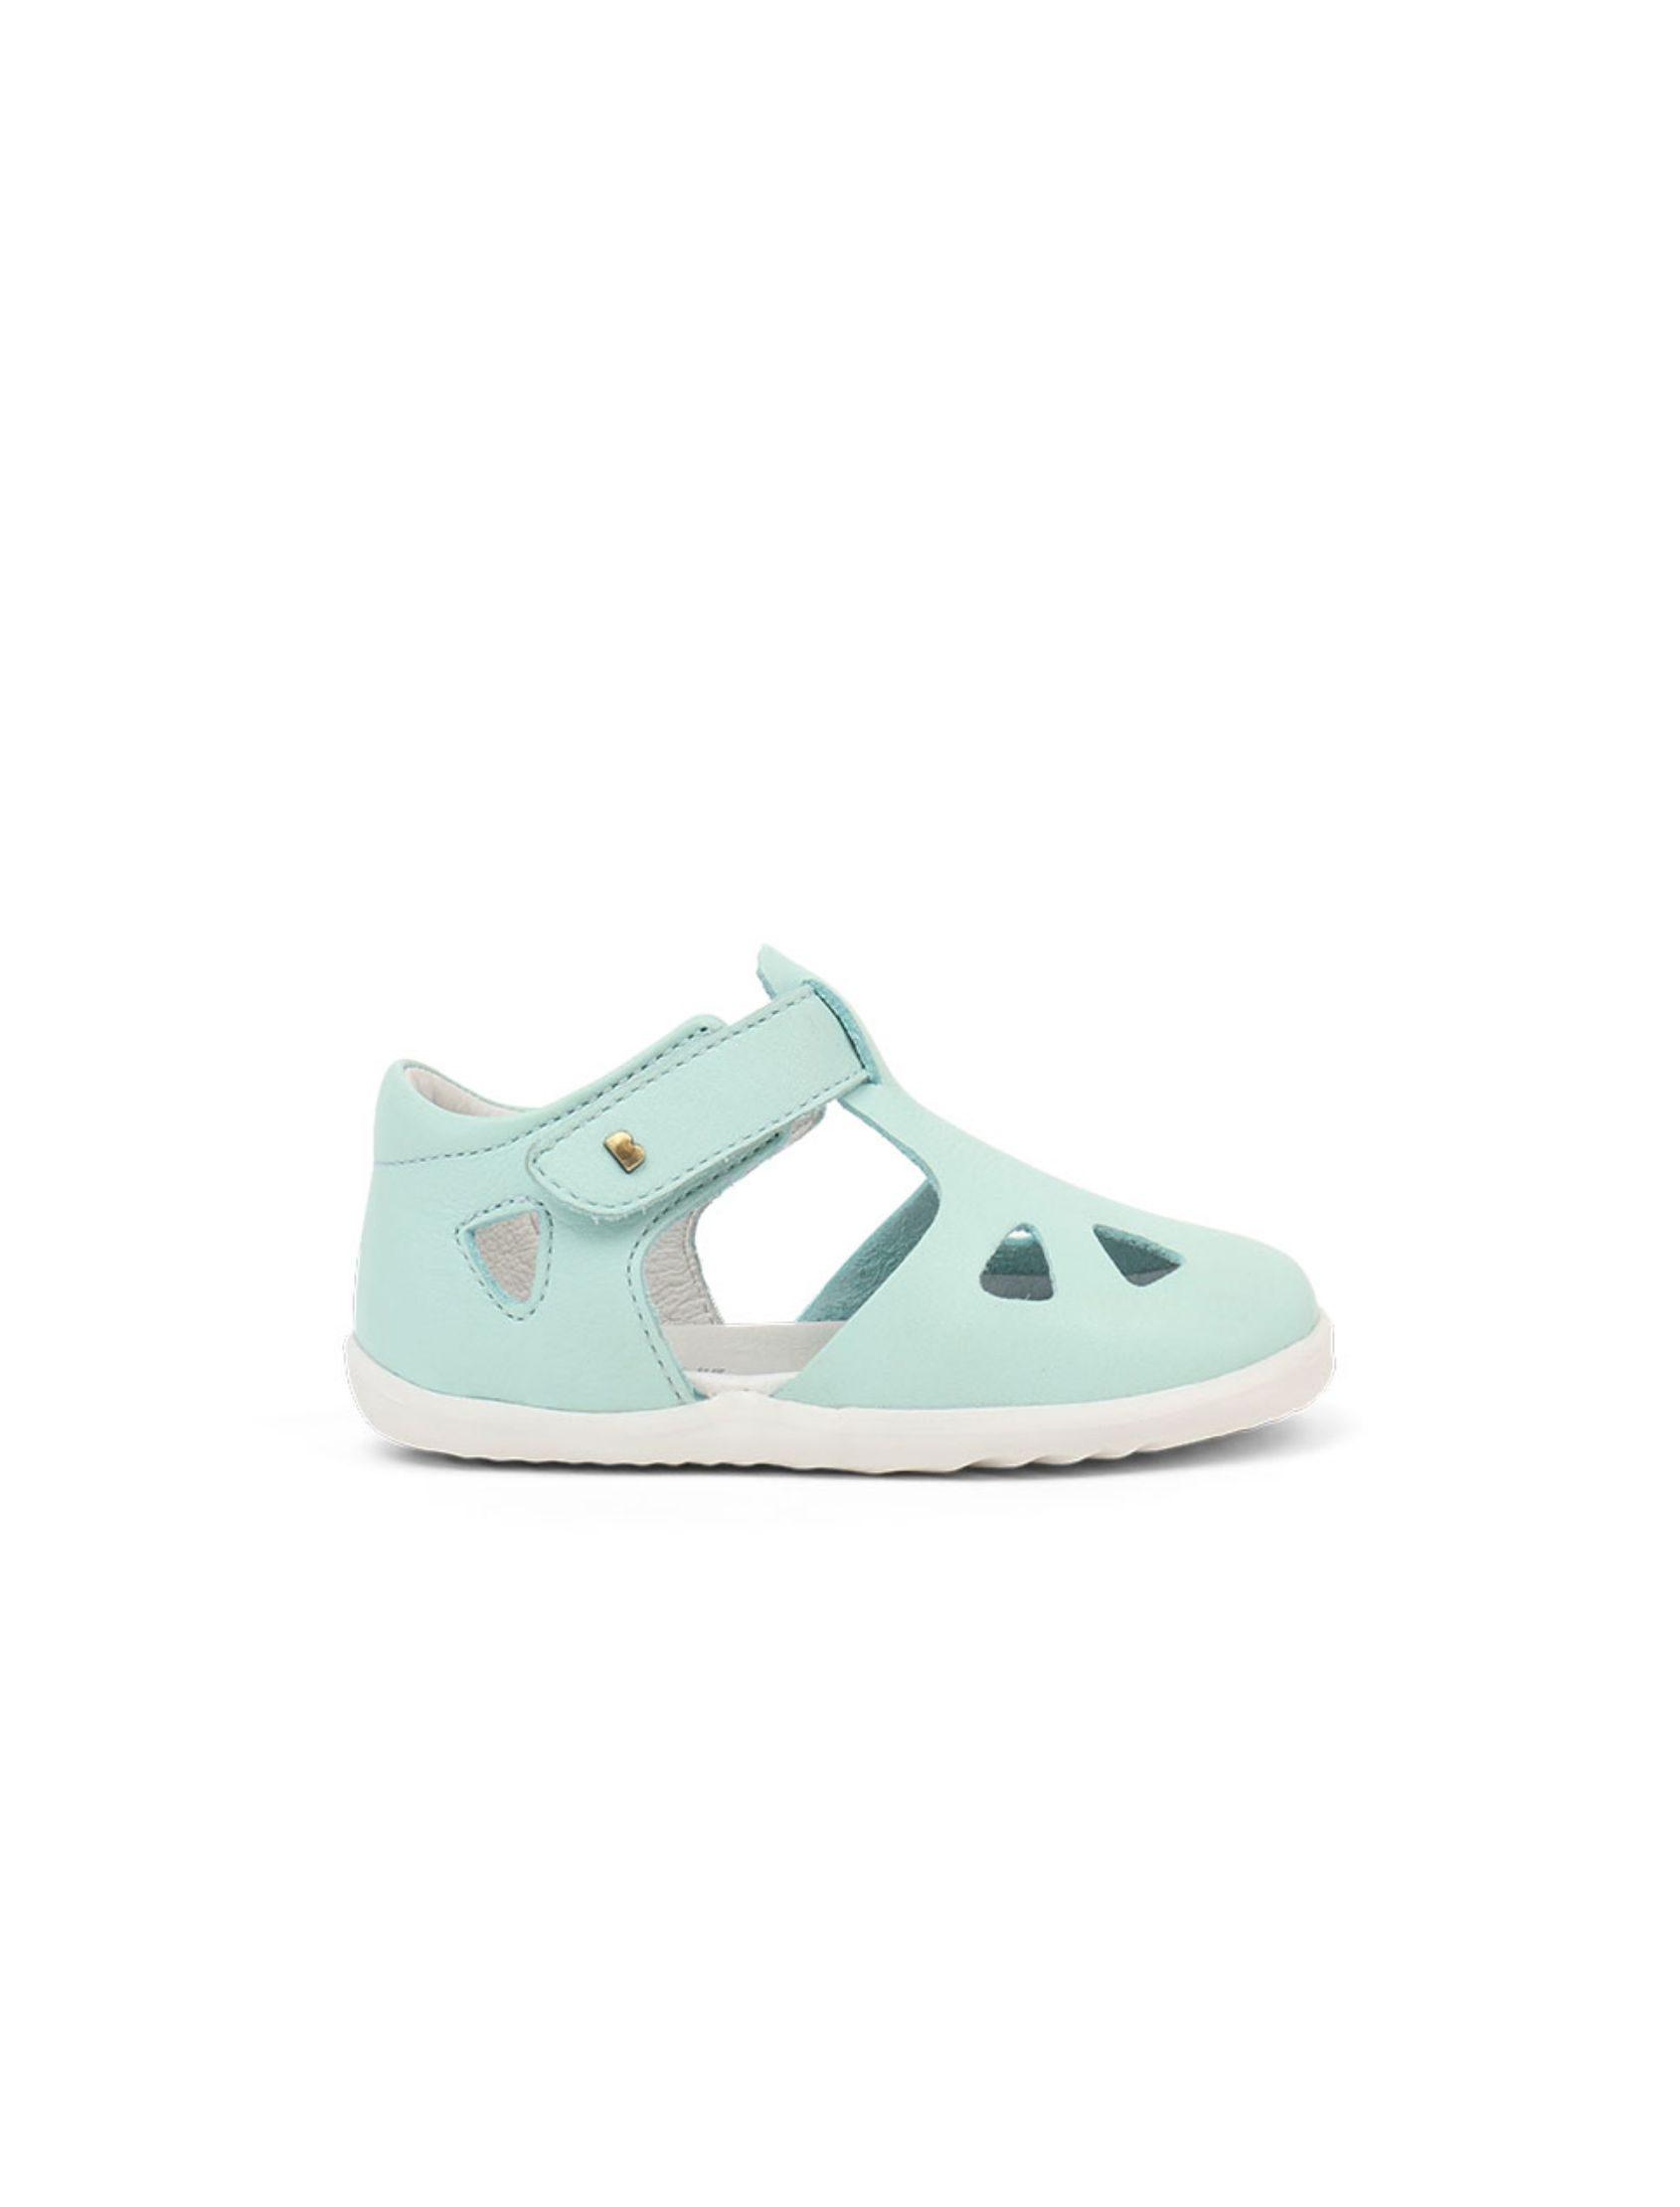 sandalia step up mint para niño y niña en color menta con suela blanca